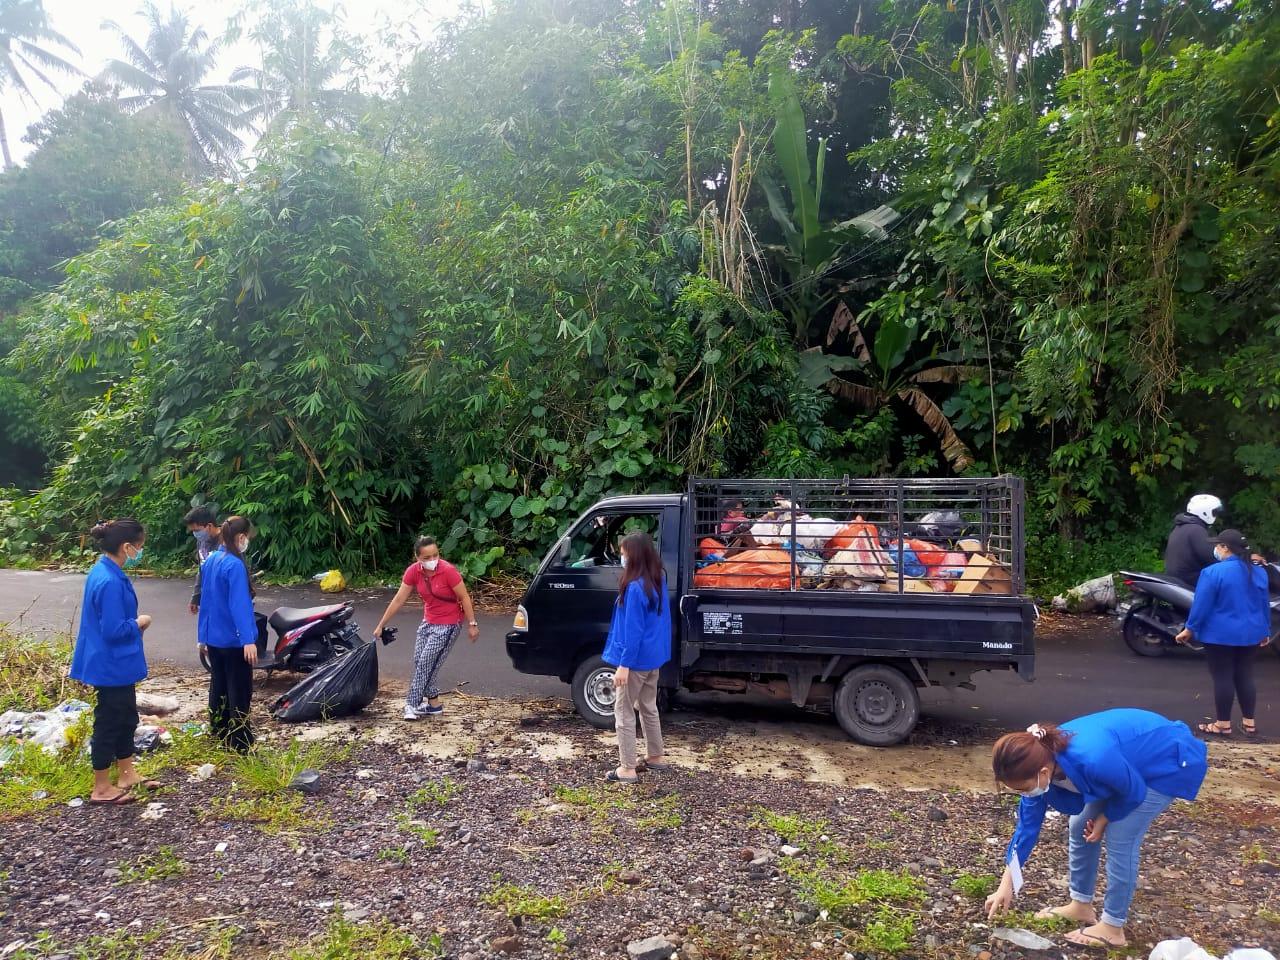 Support Program Jumat Pagi JGKWL, Paniki Atas Bersih-Bersih Lingkungan